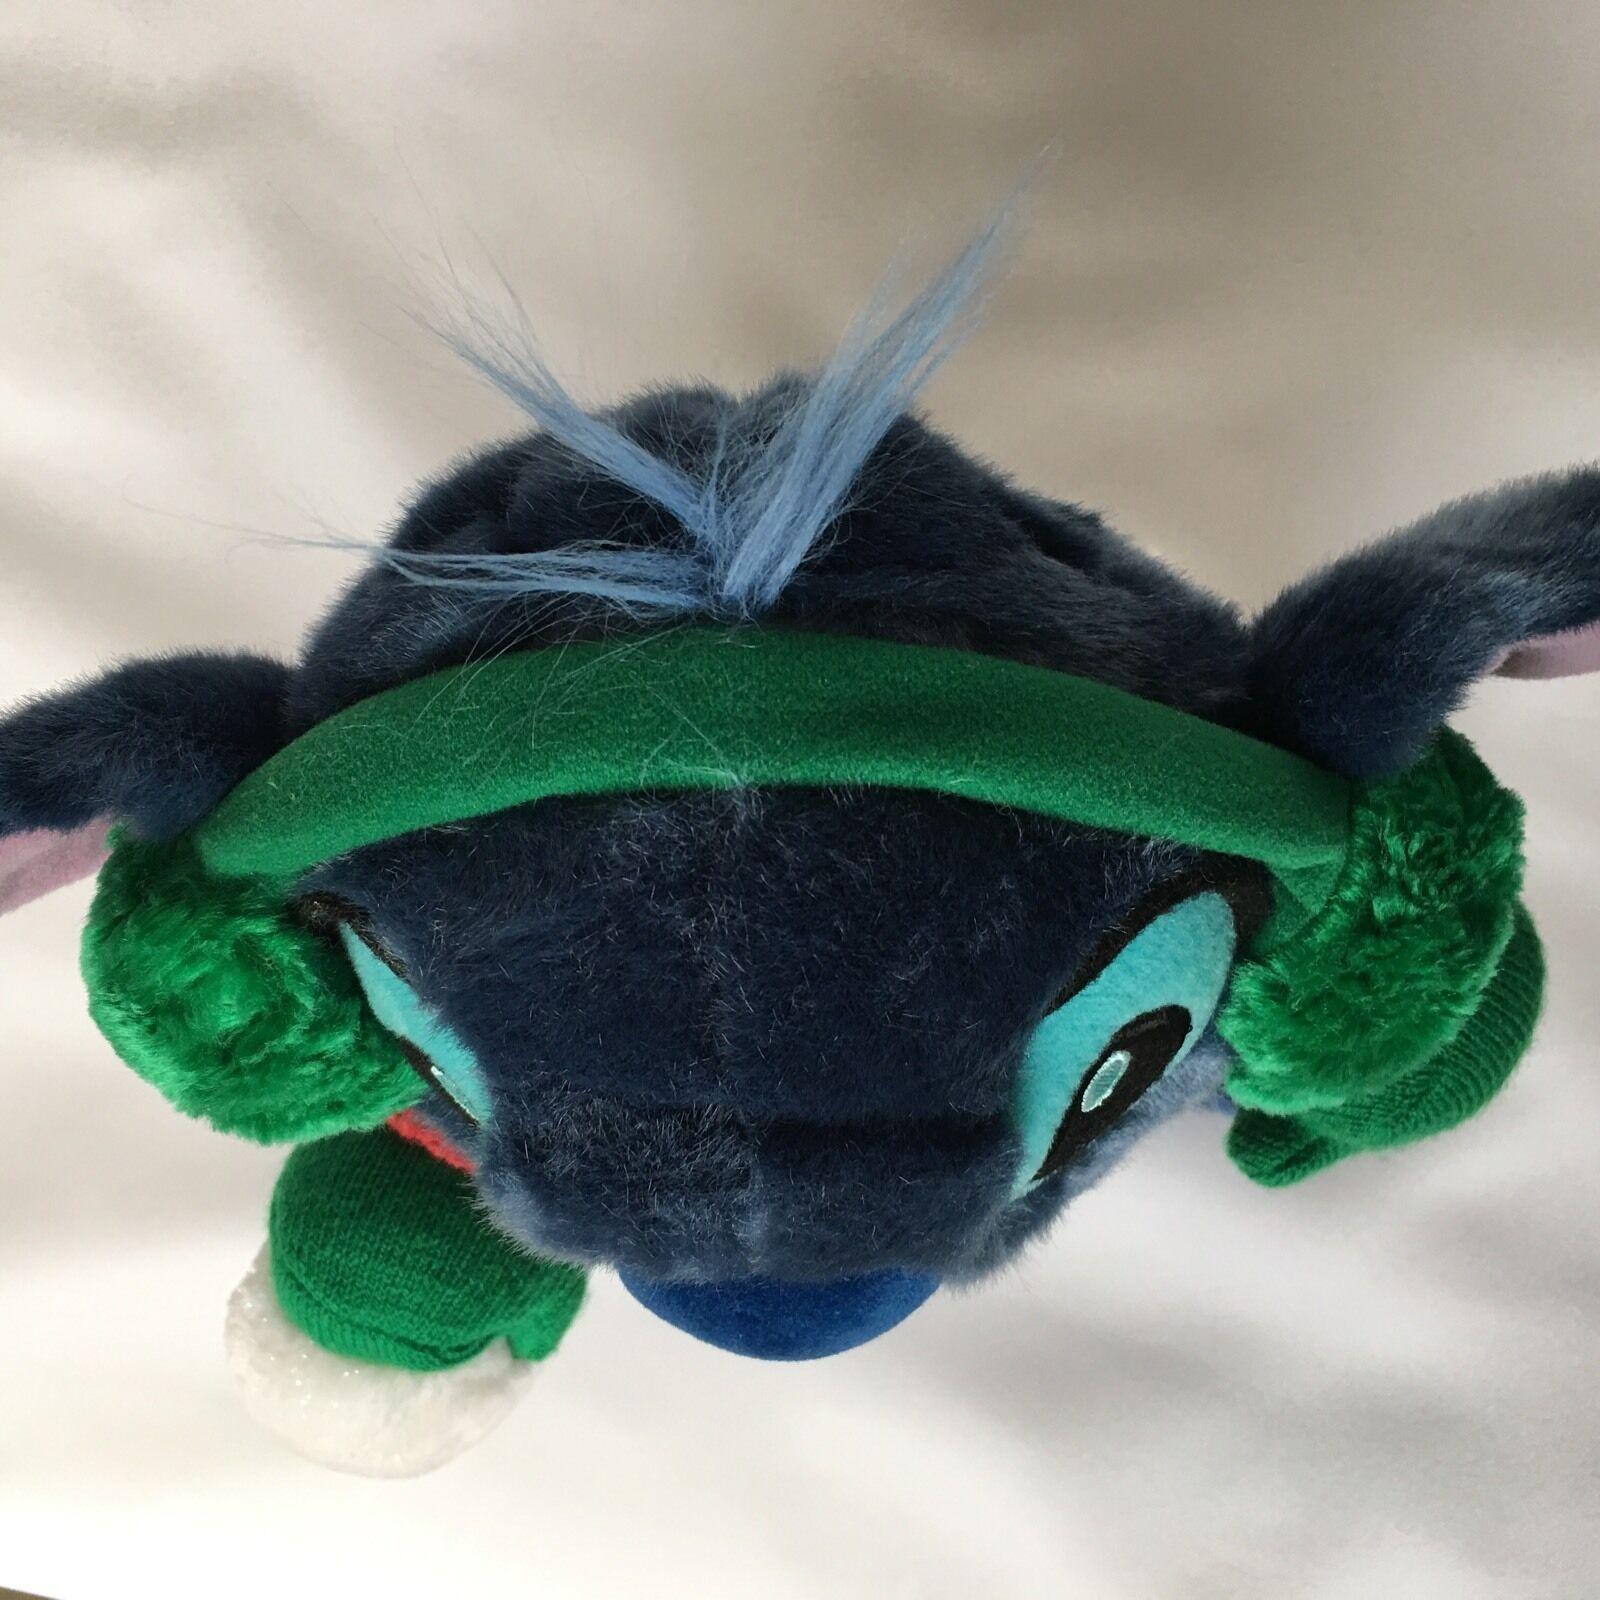 Disney Stitch From Lilo and Stitch Plush Blue Naughty Christmas Stuffed Animal image 7